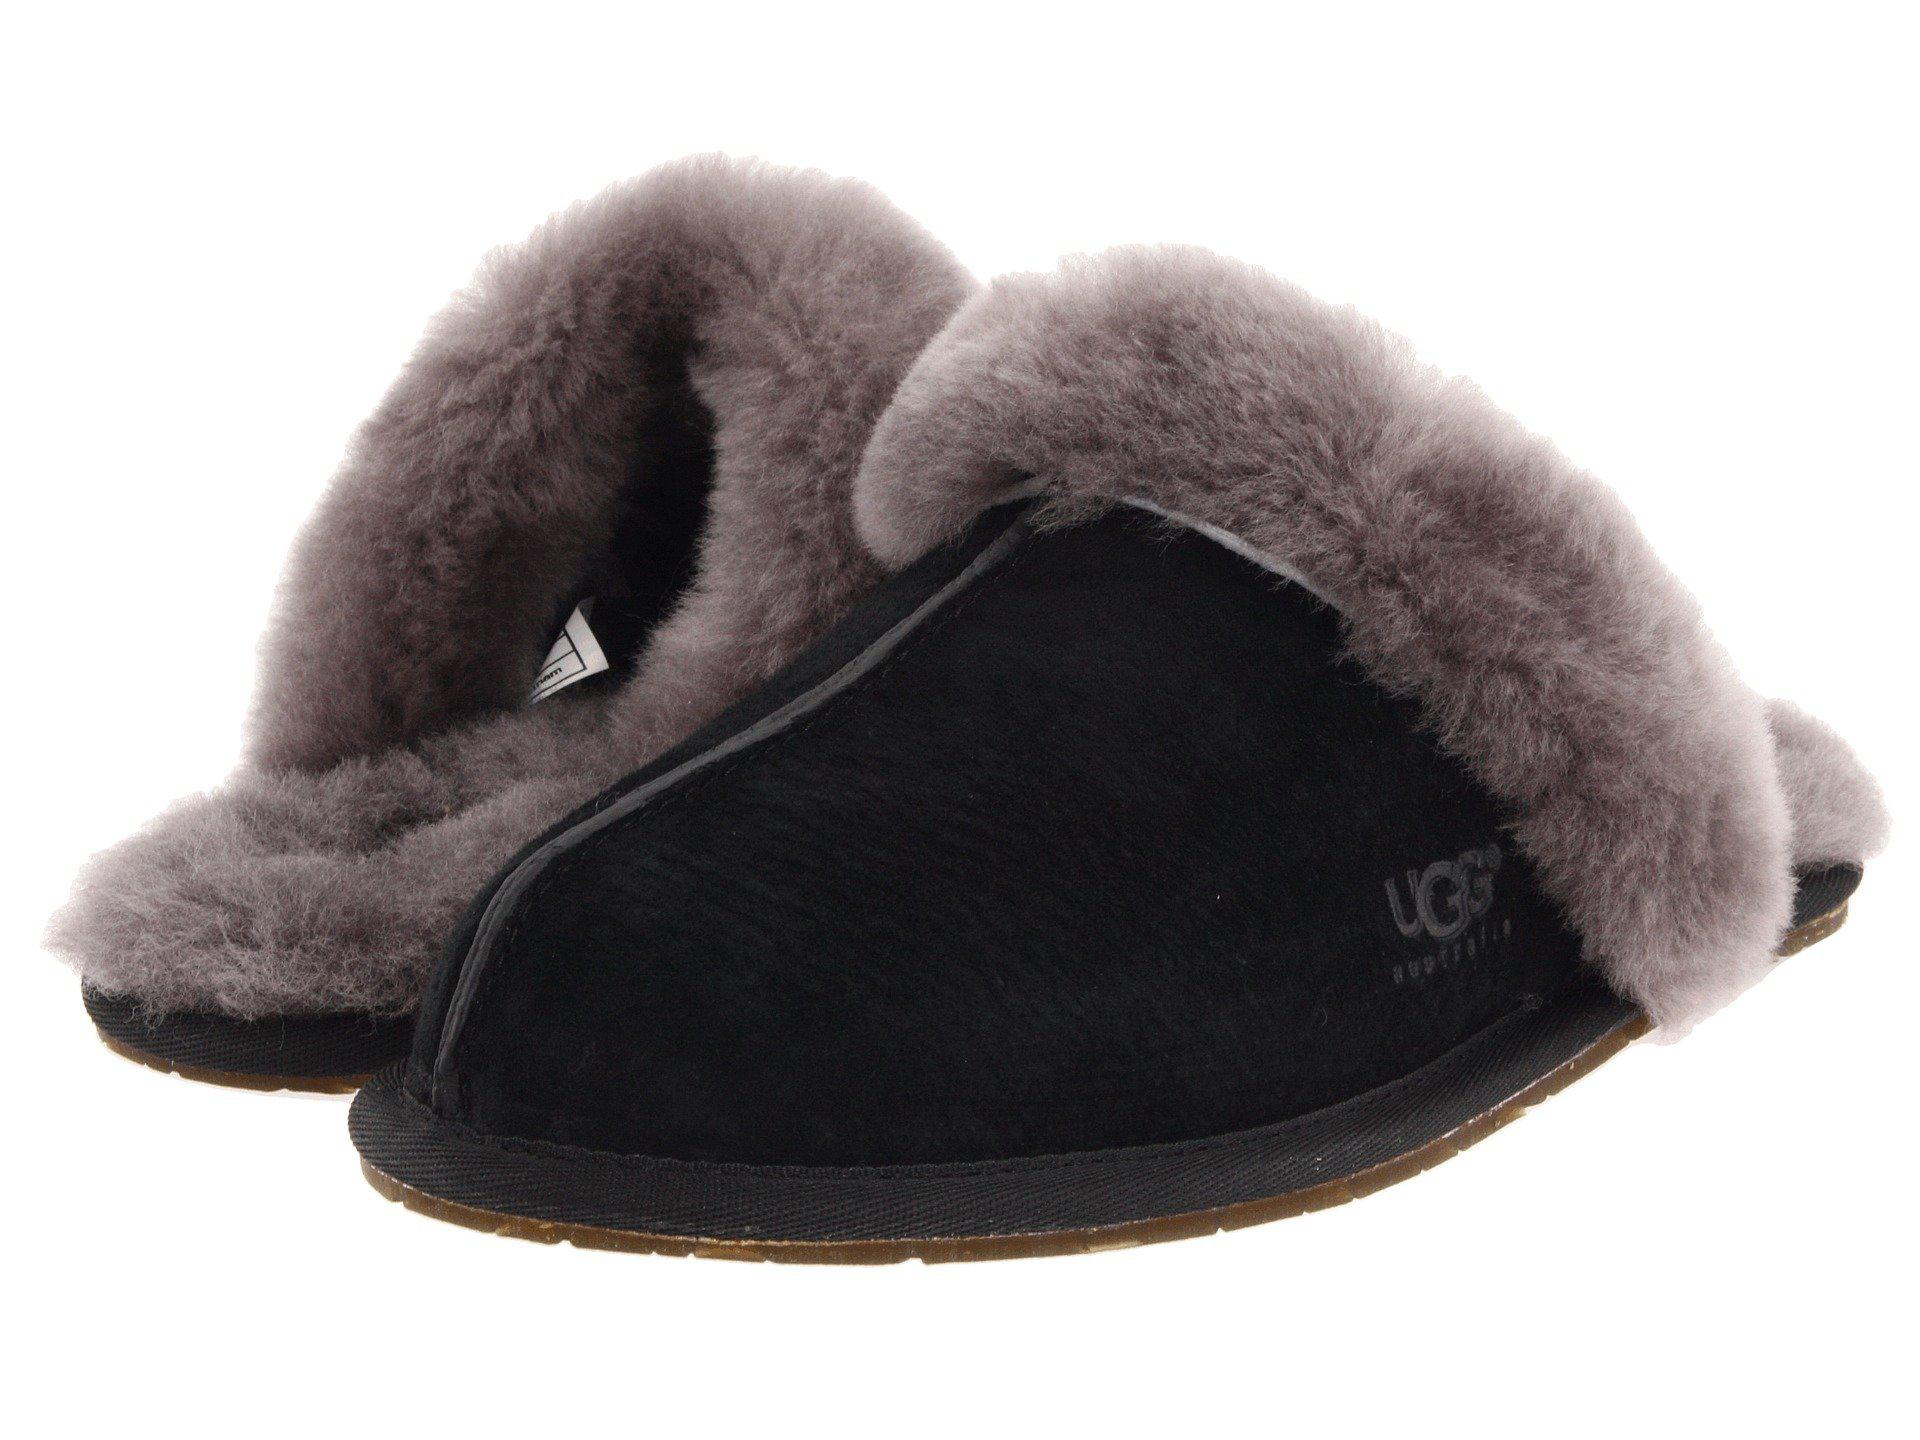 518867dee9c5 UGG. Black Scuffette Ii Water-resistant Slipper (espresso (suede)) Women s  Slippers